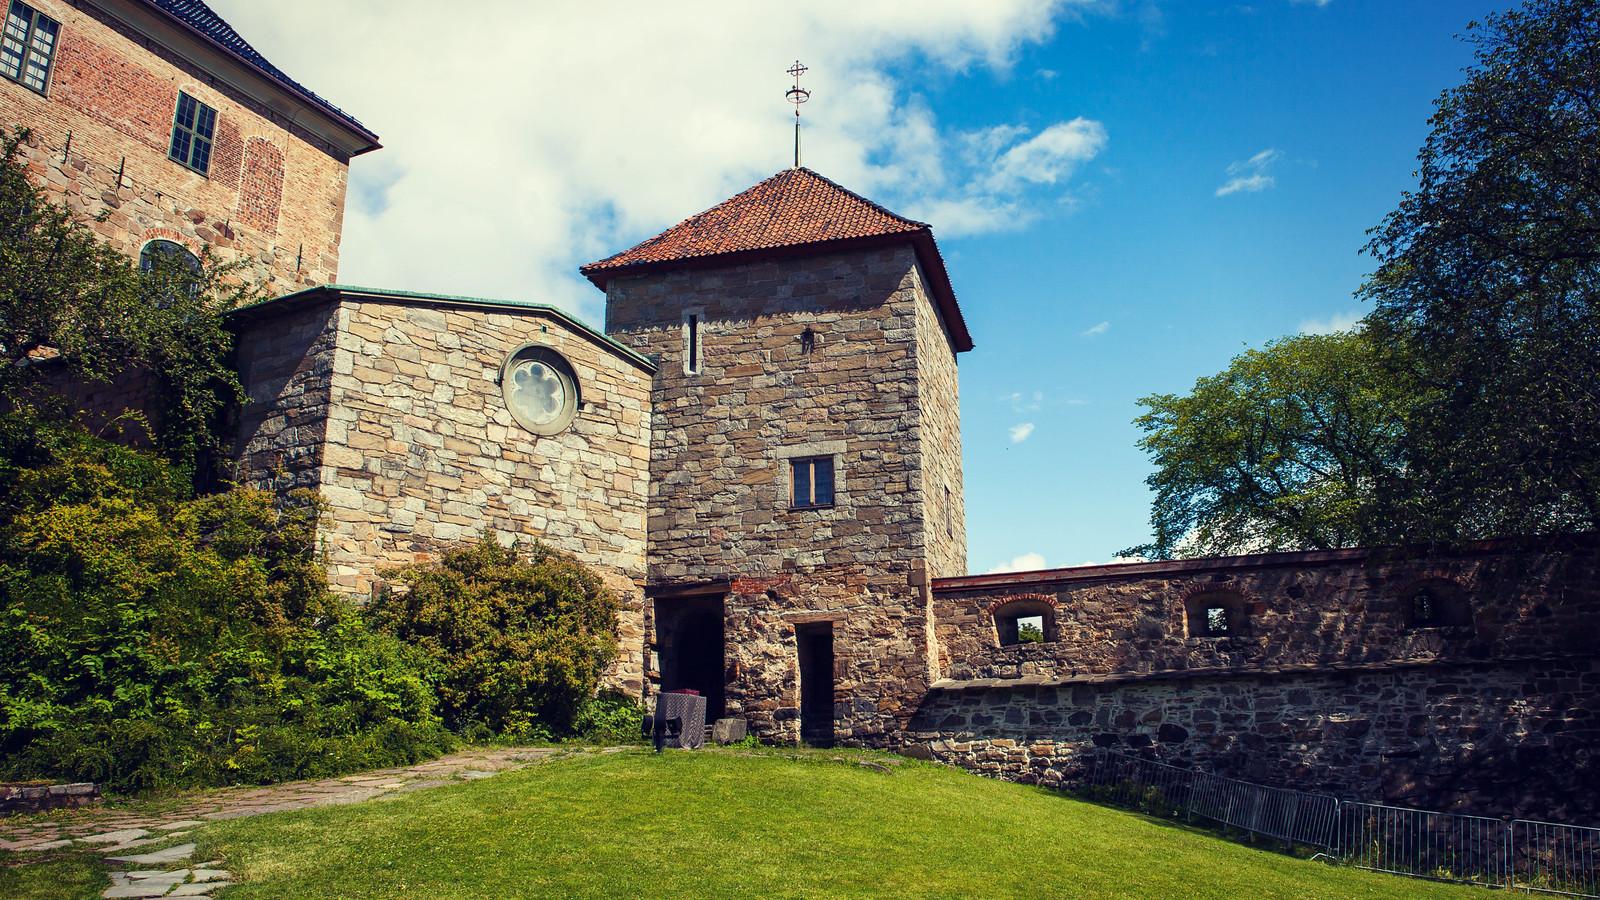 挪威阿克斯胡斯城堡(Akershus Festning), 穿制服的护卫